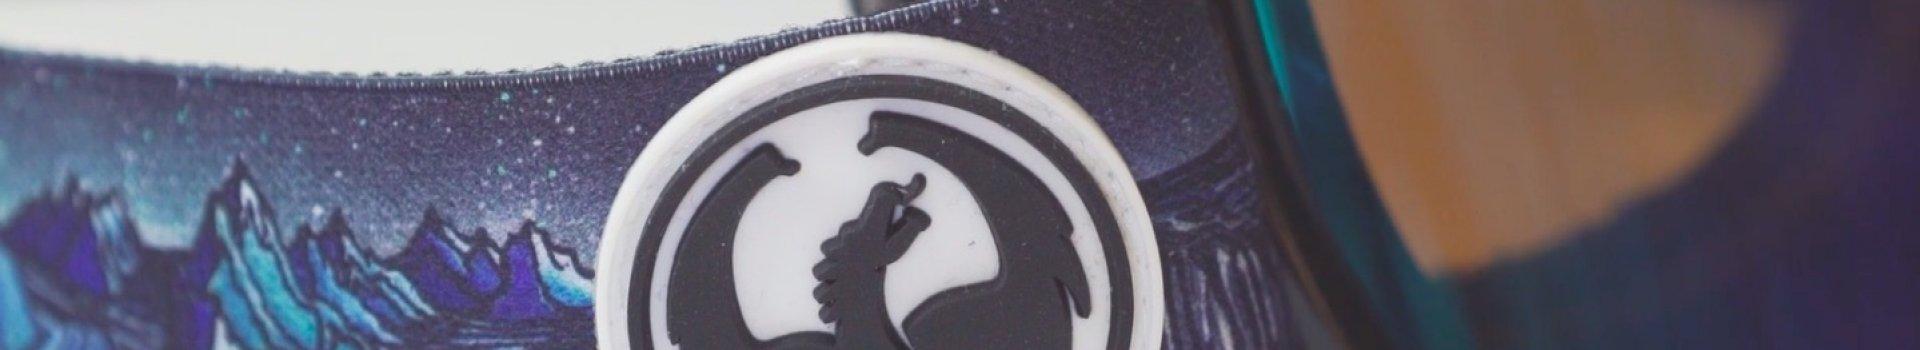 Gogle Dragon - wyjątkowy design, wyjątkowa trwałość, co nowego na sezon 2019?